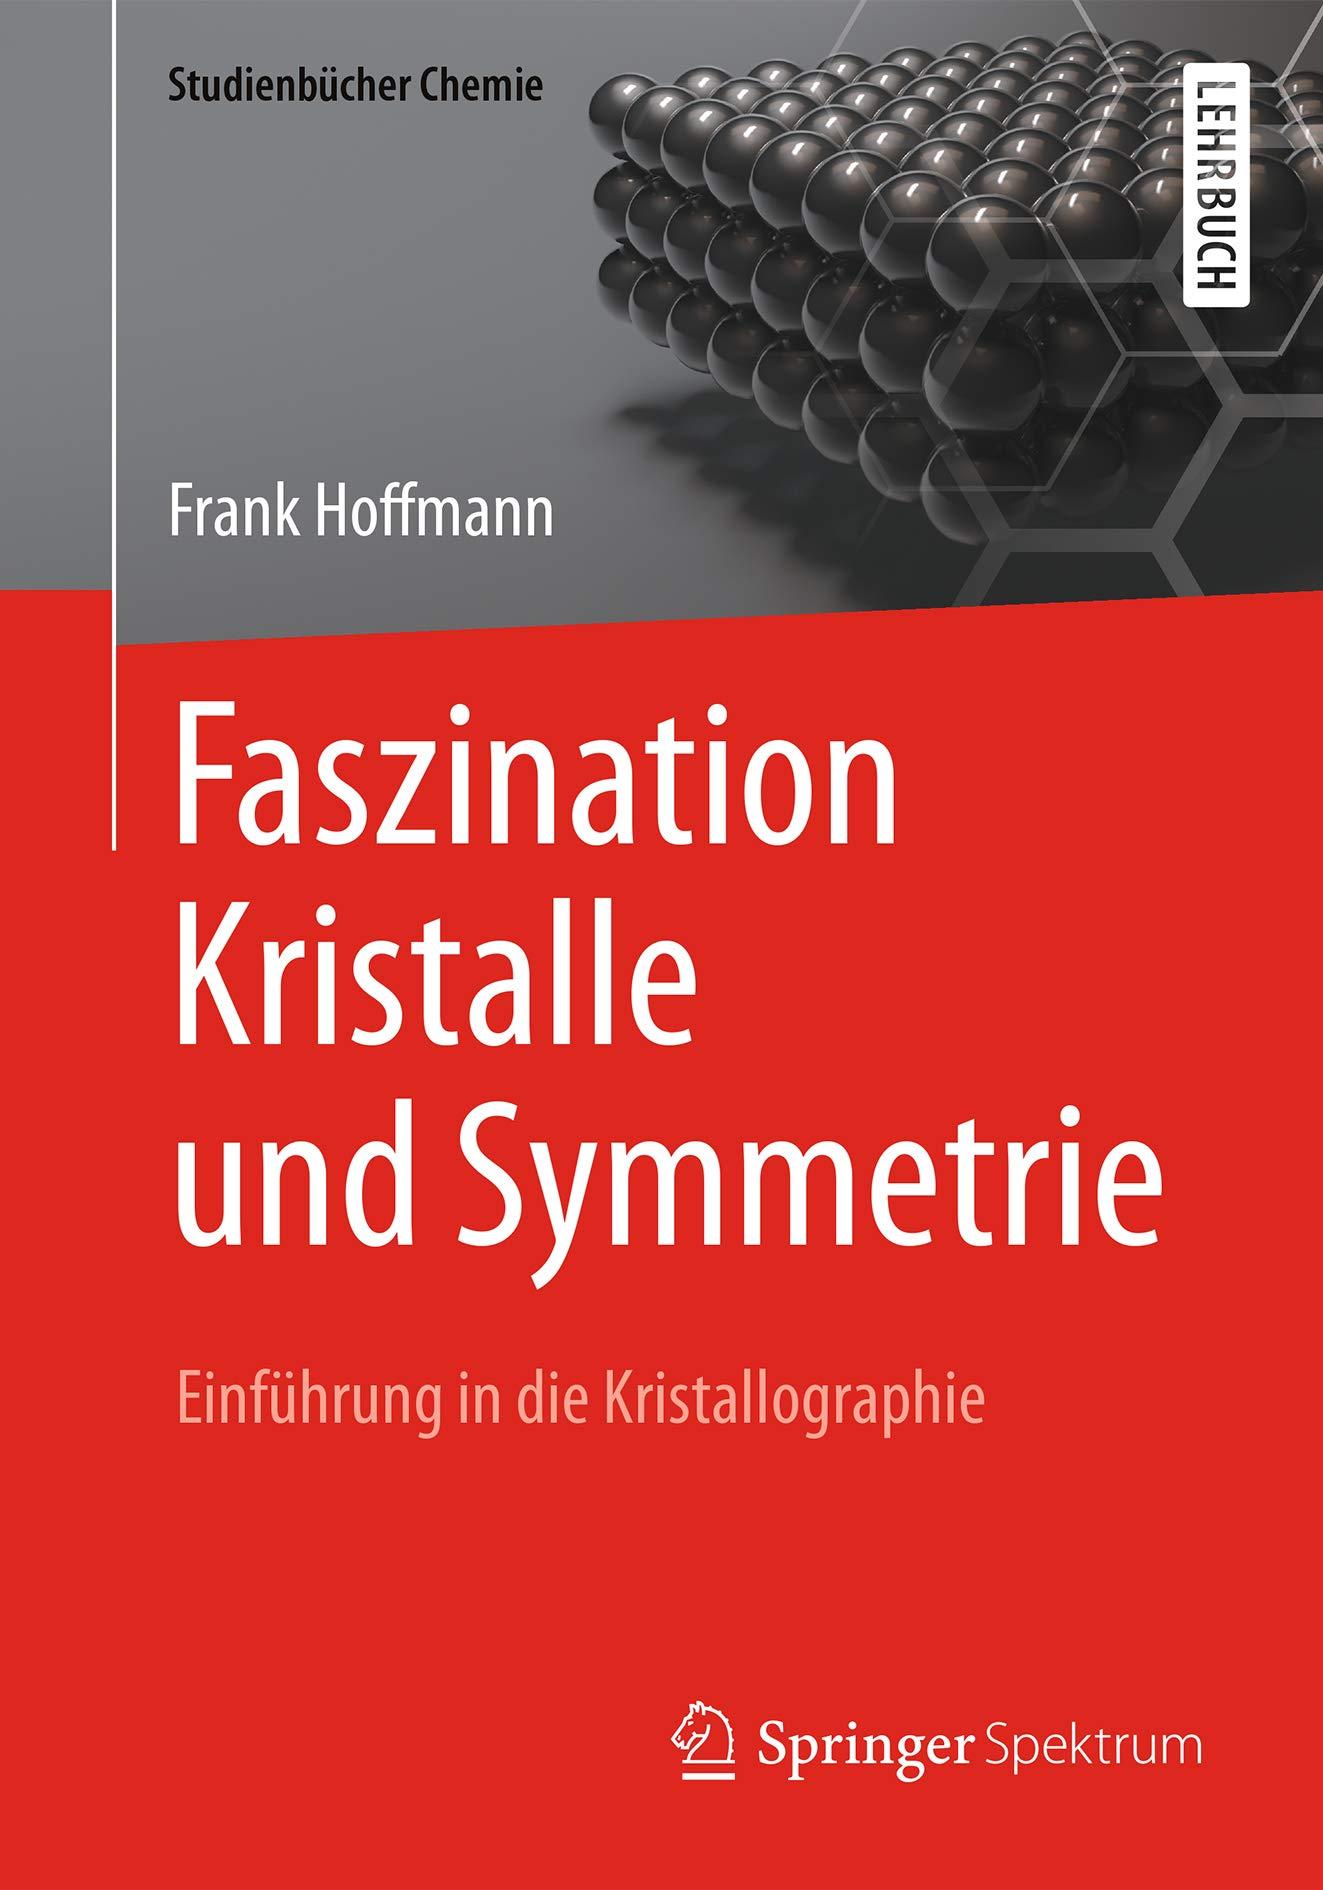 Faszination Kristalle Und Symmetrie  Einführung In Die Kristallographie  Studienbücher Chemie